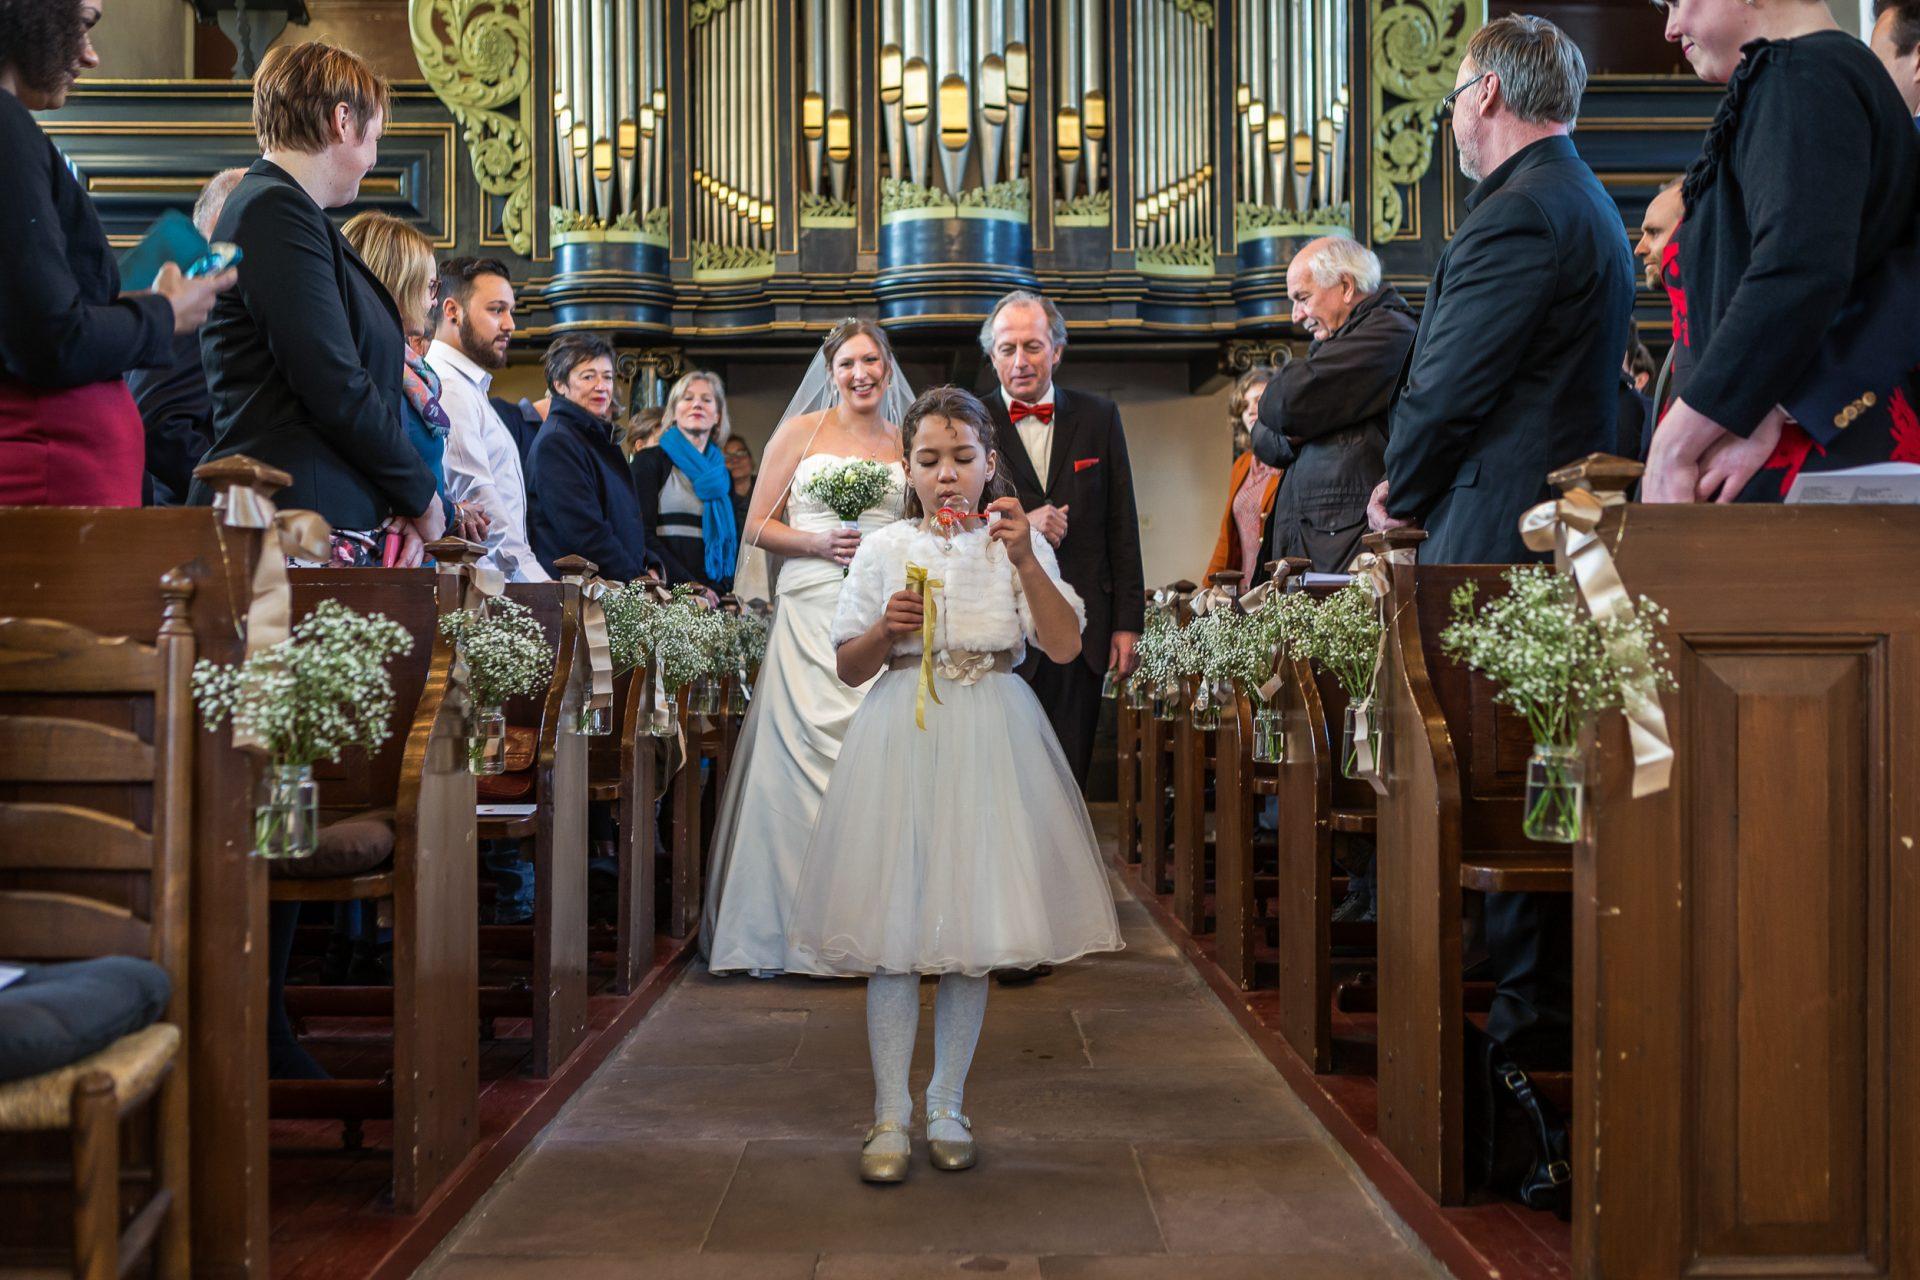 Trouwfotograaf-Bedum-Groningen-2018-KleijenVermistFotografie-KleijenCo-Bruidsfotografie_kleijenvermist_bruidspaar_trouwen_kerk_Noordlaren_bruidspaar_bruidsmeisje_bellenblaas